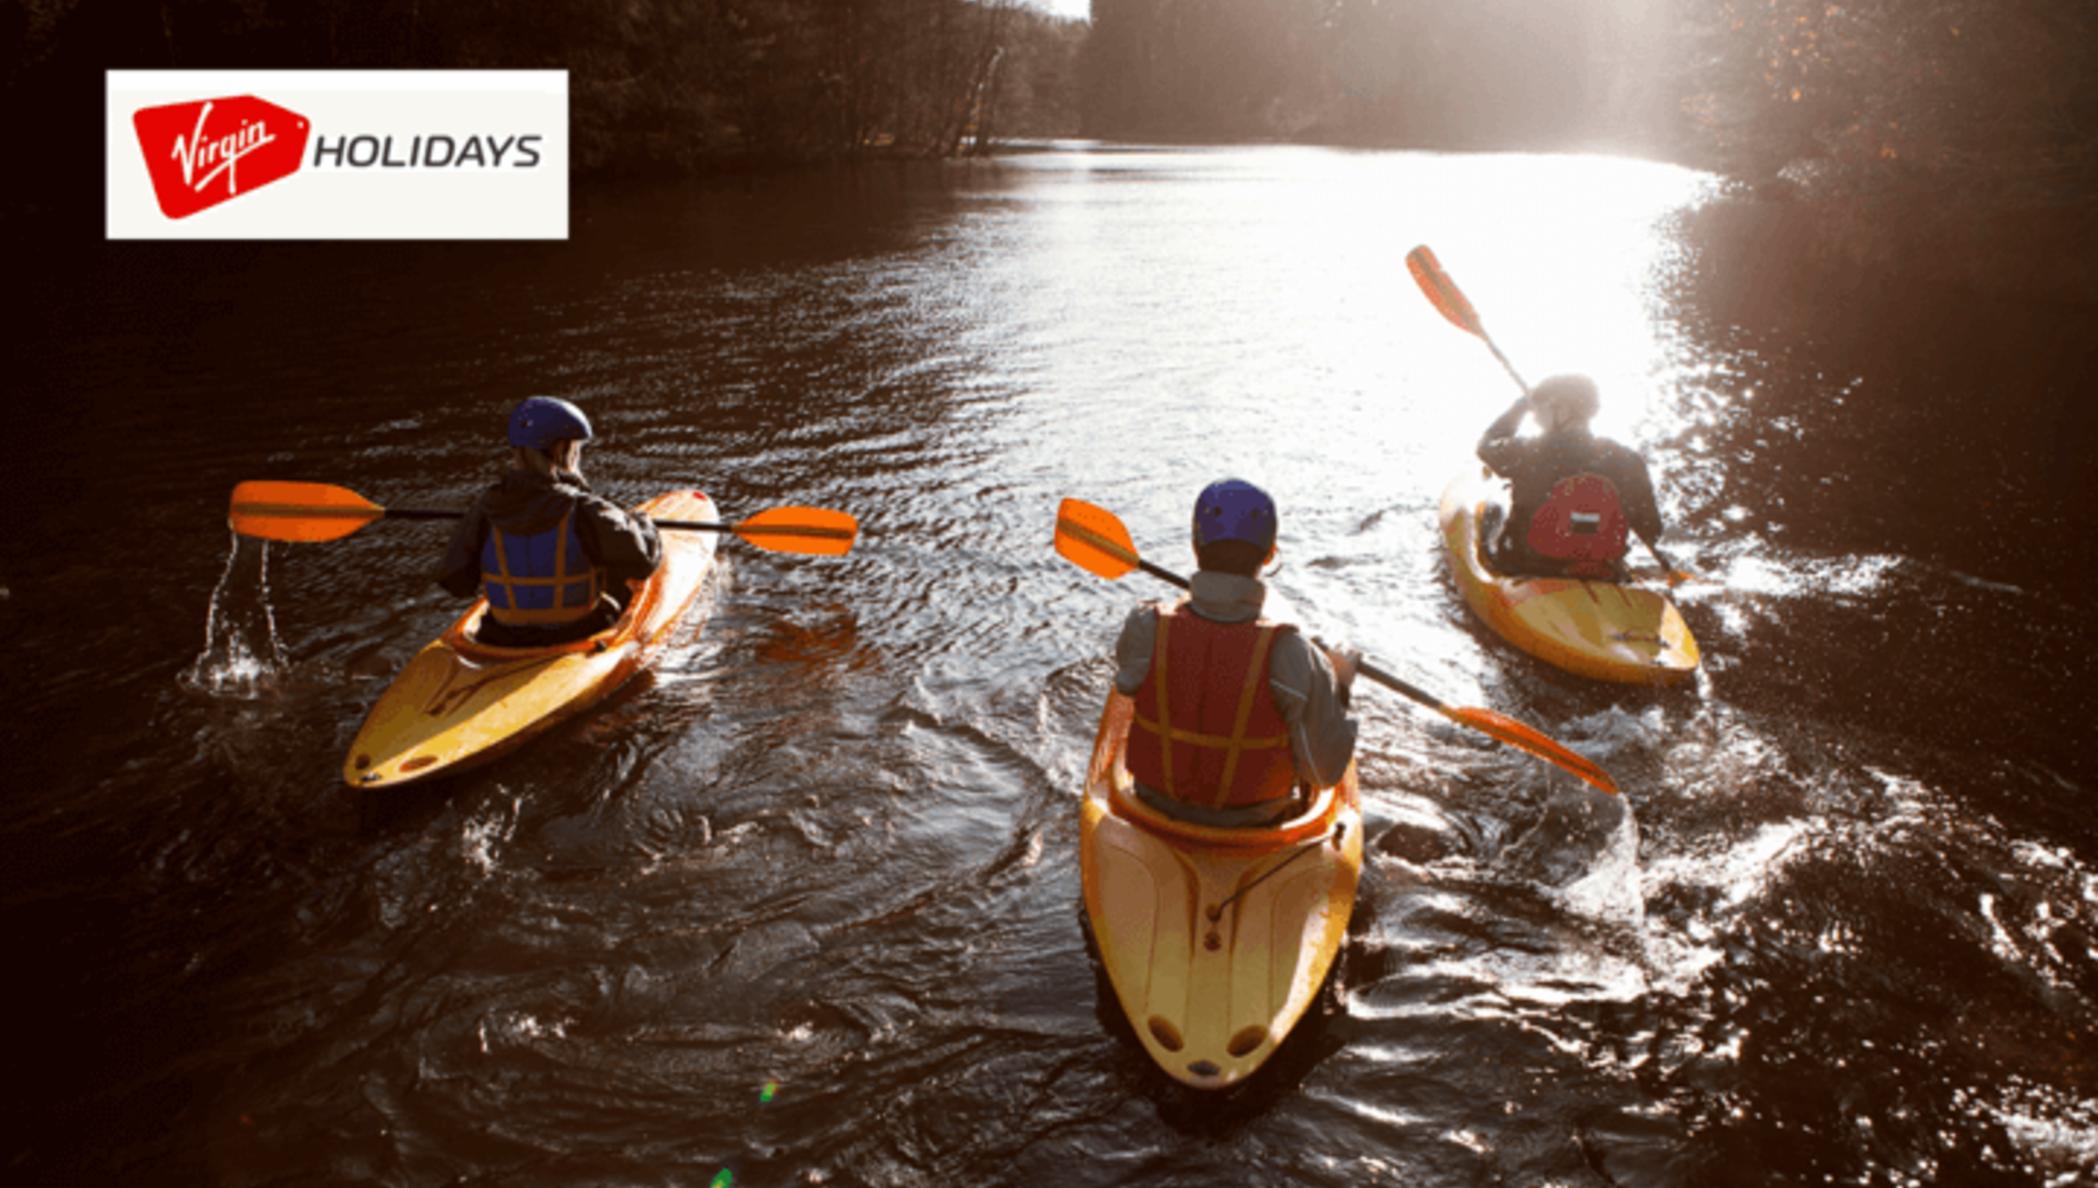 Des personnes font du kayak dans une rivière avec le logo Virgin Holidays dans le coin supérieur gauche.